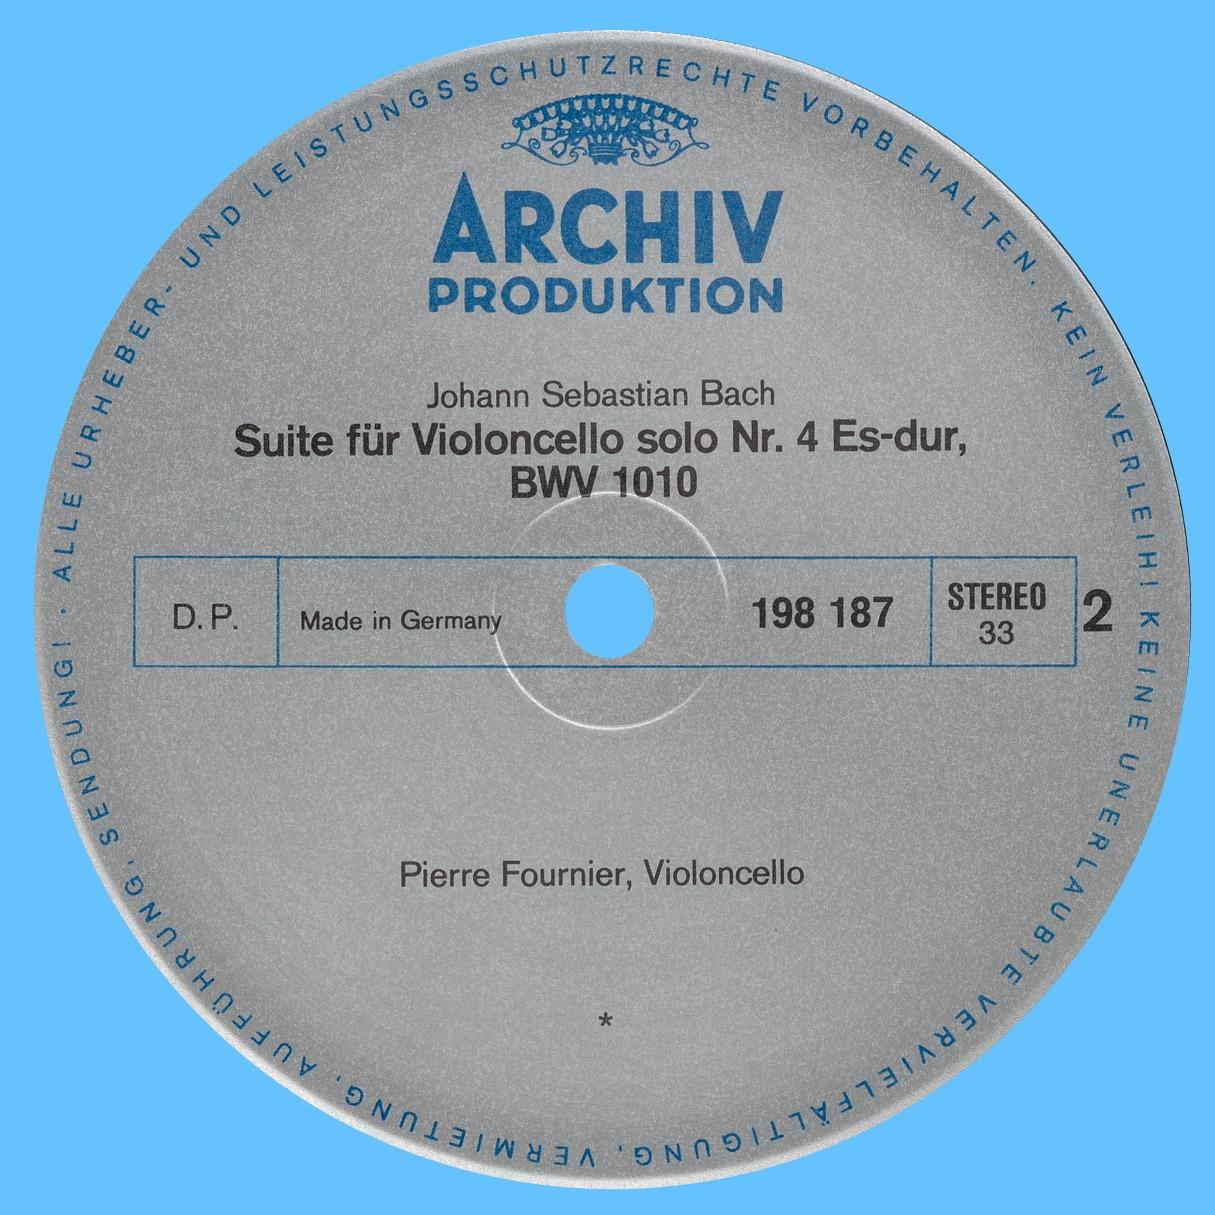 Étiquette verso du disque Archiv Produktion SAPM 198 187